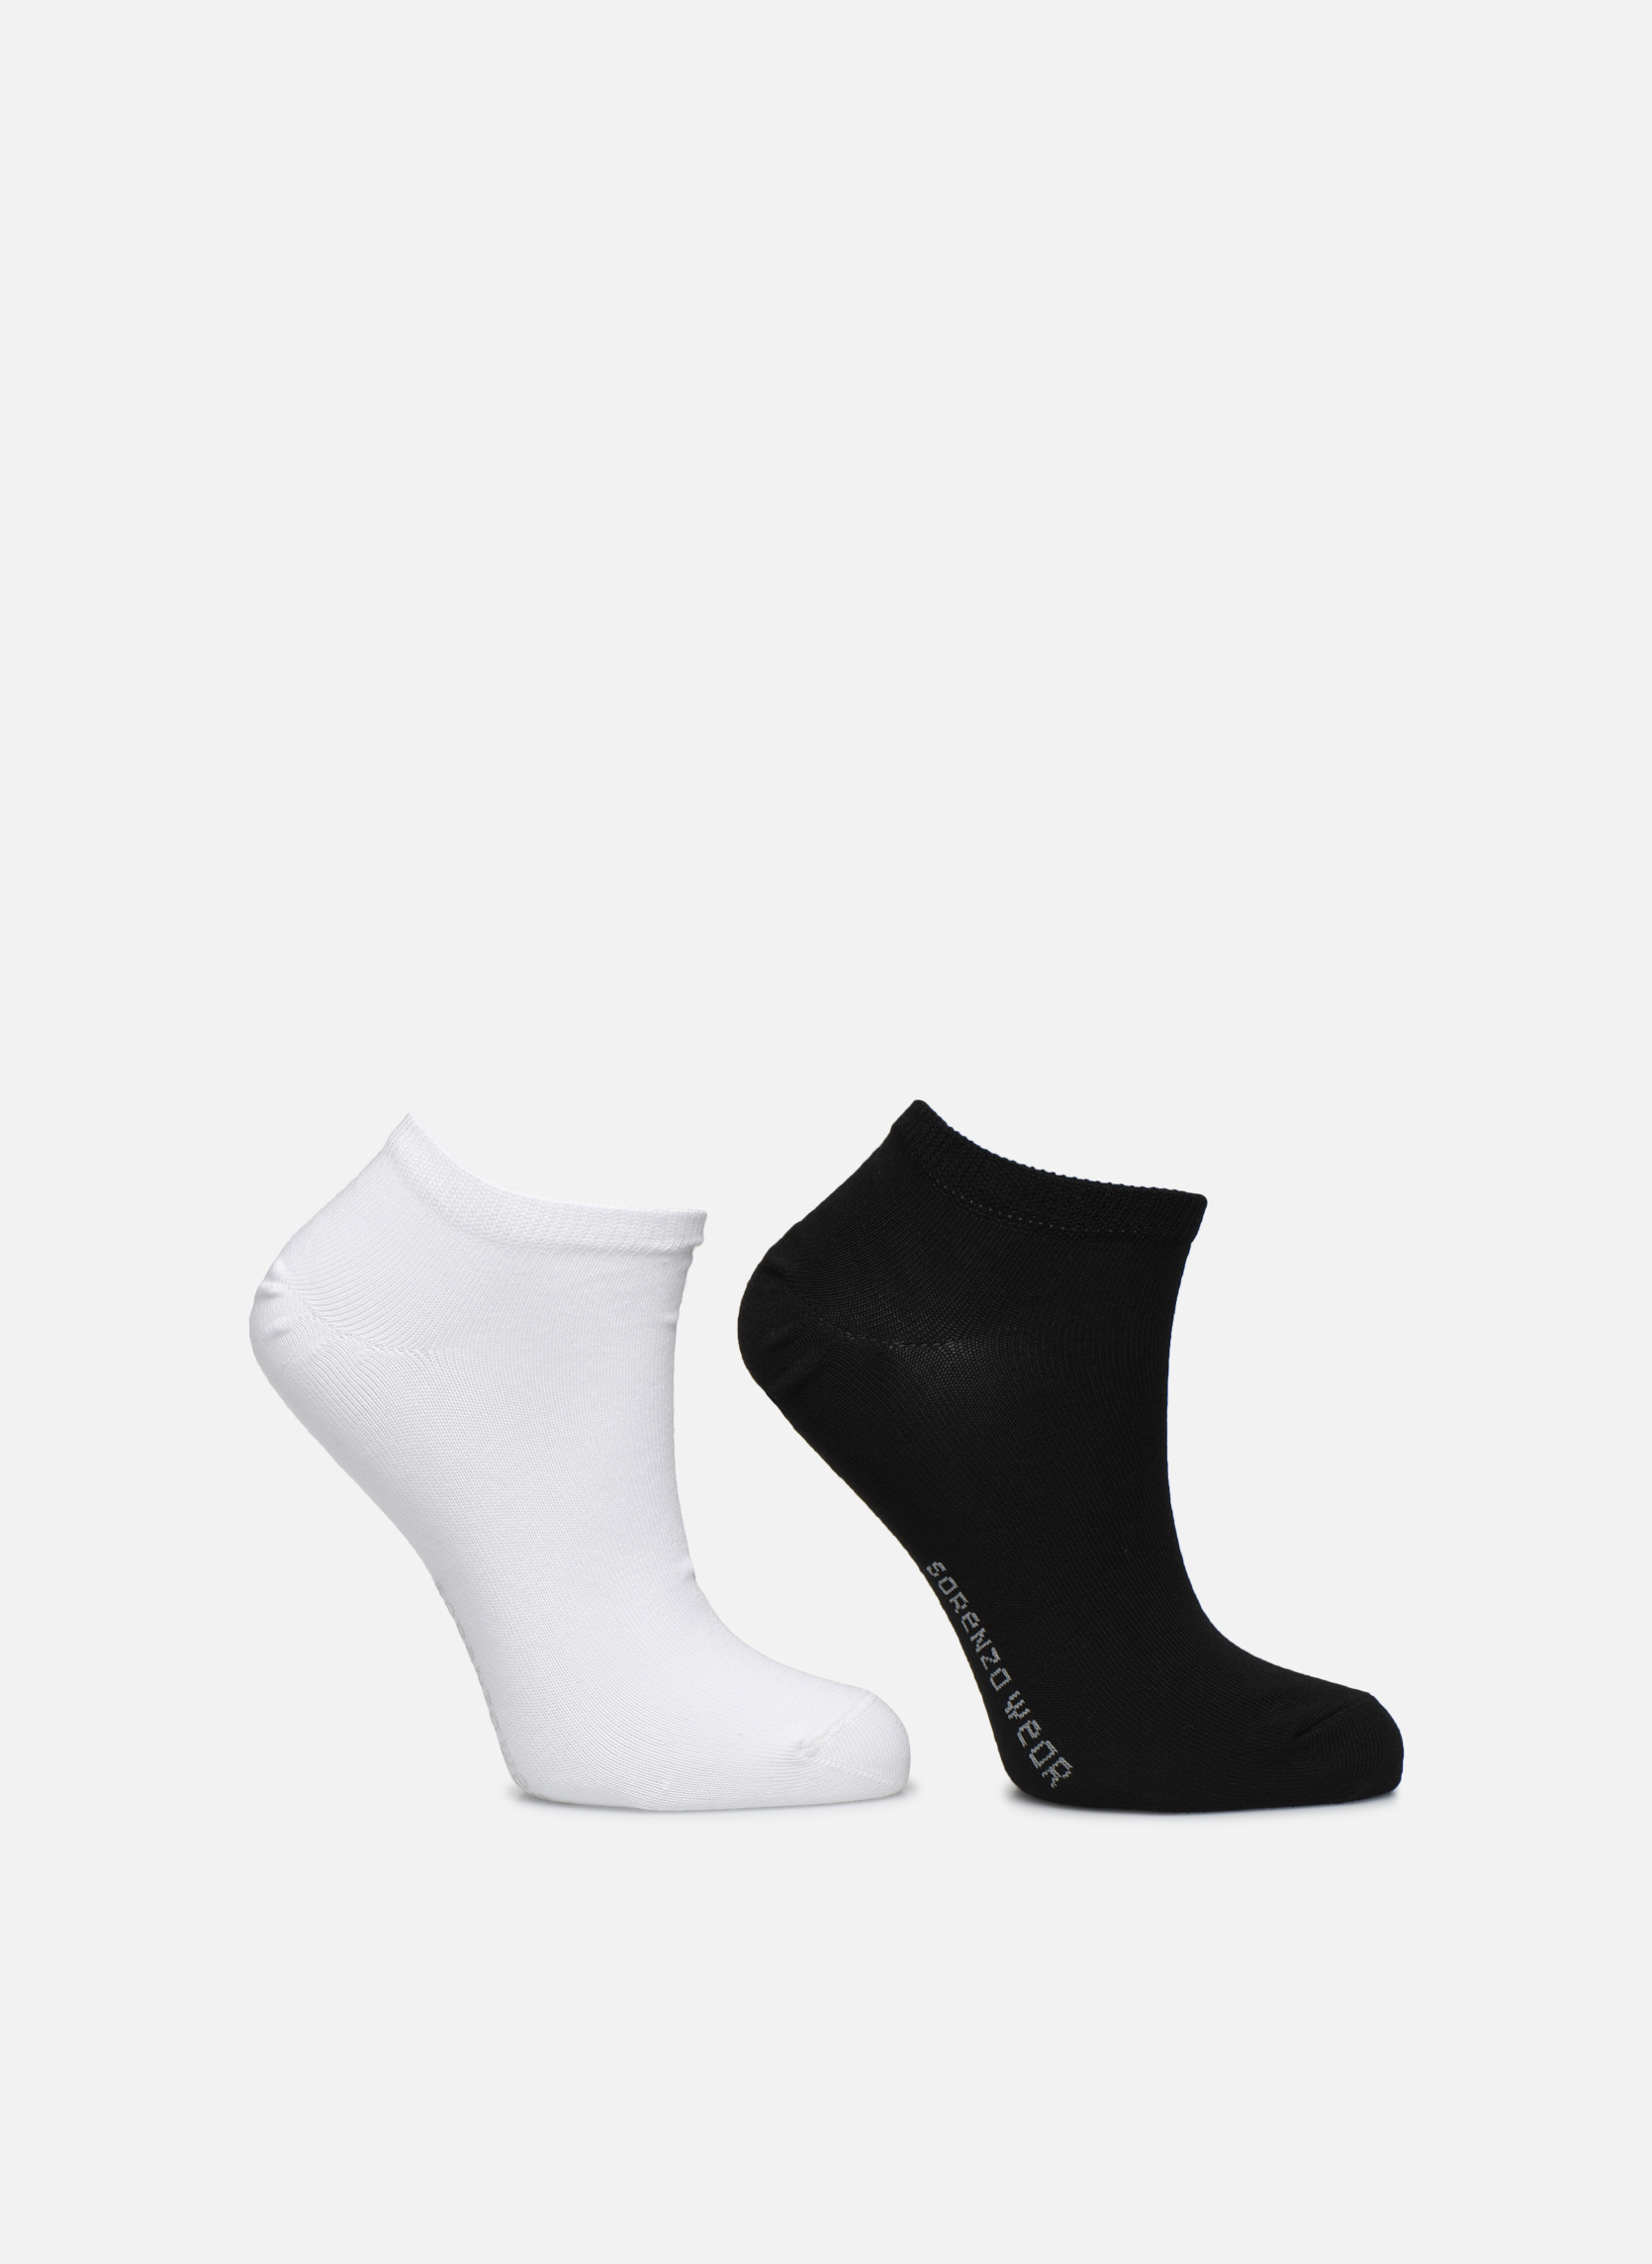 Noir/blanc